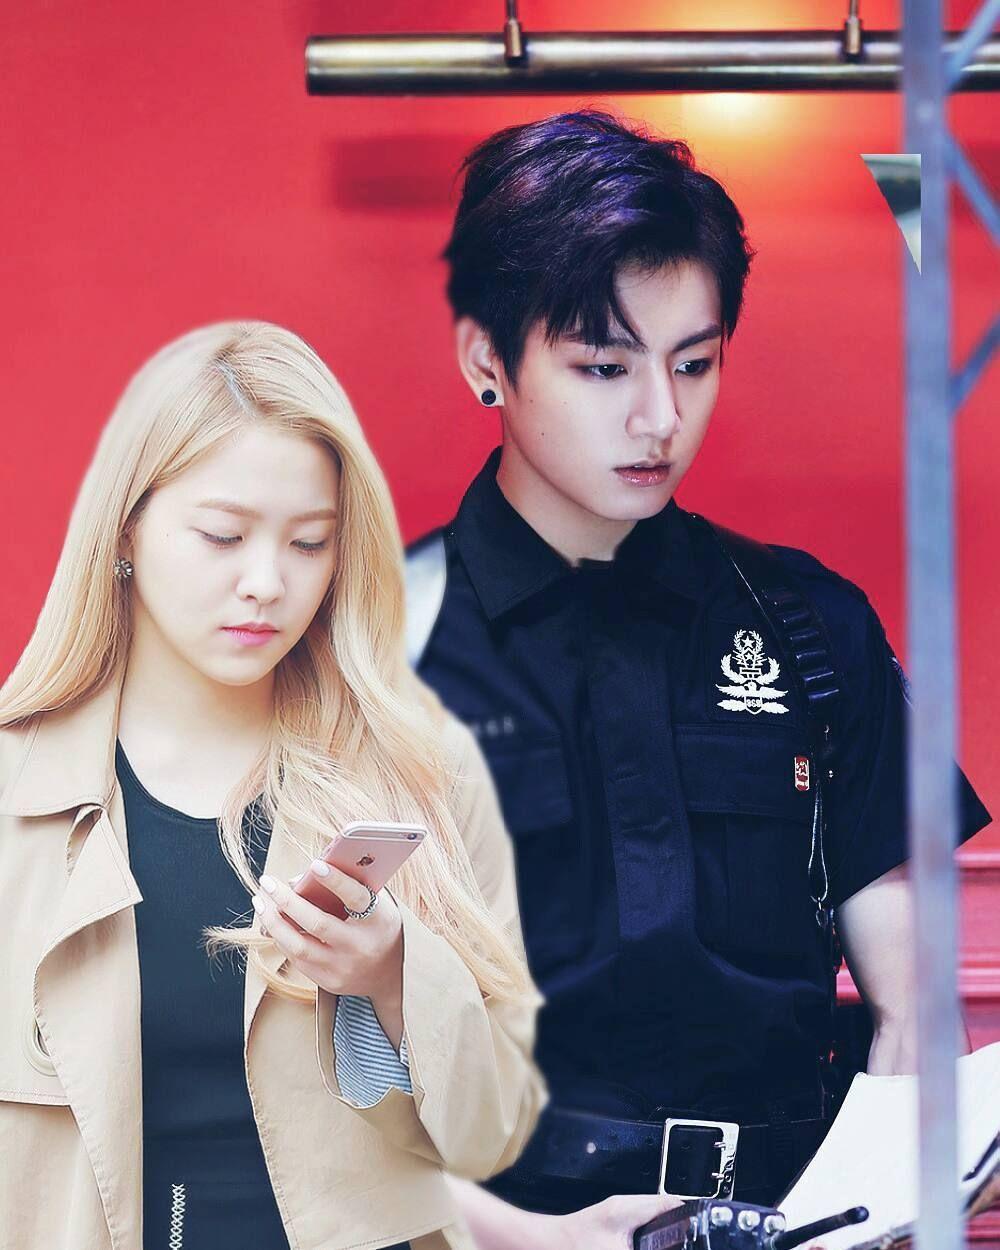 Ceo Kim With Her Bodyguard Pt 2 Bangtanvelvet Jungri Jeonjungkook Kimyerim Jungkook Yeri Bangtan Bts R Kim Yerim Cute Couples Jeon Jungkook